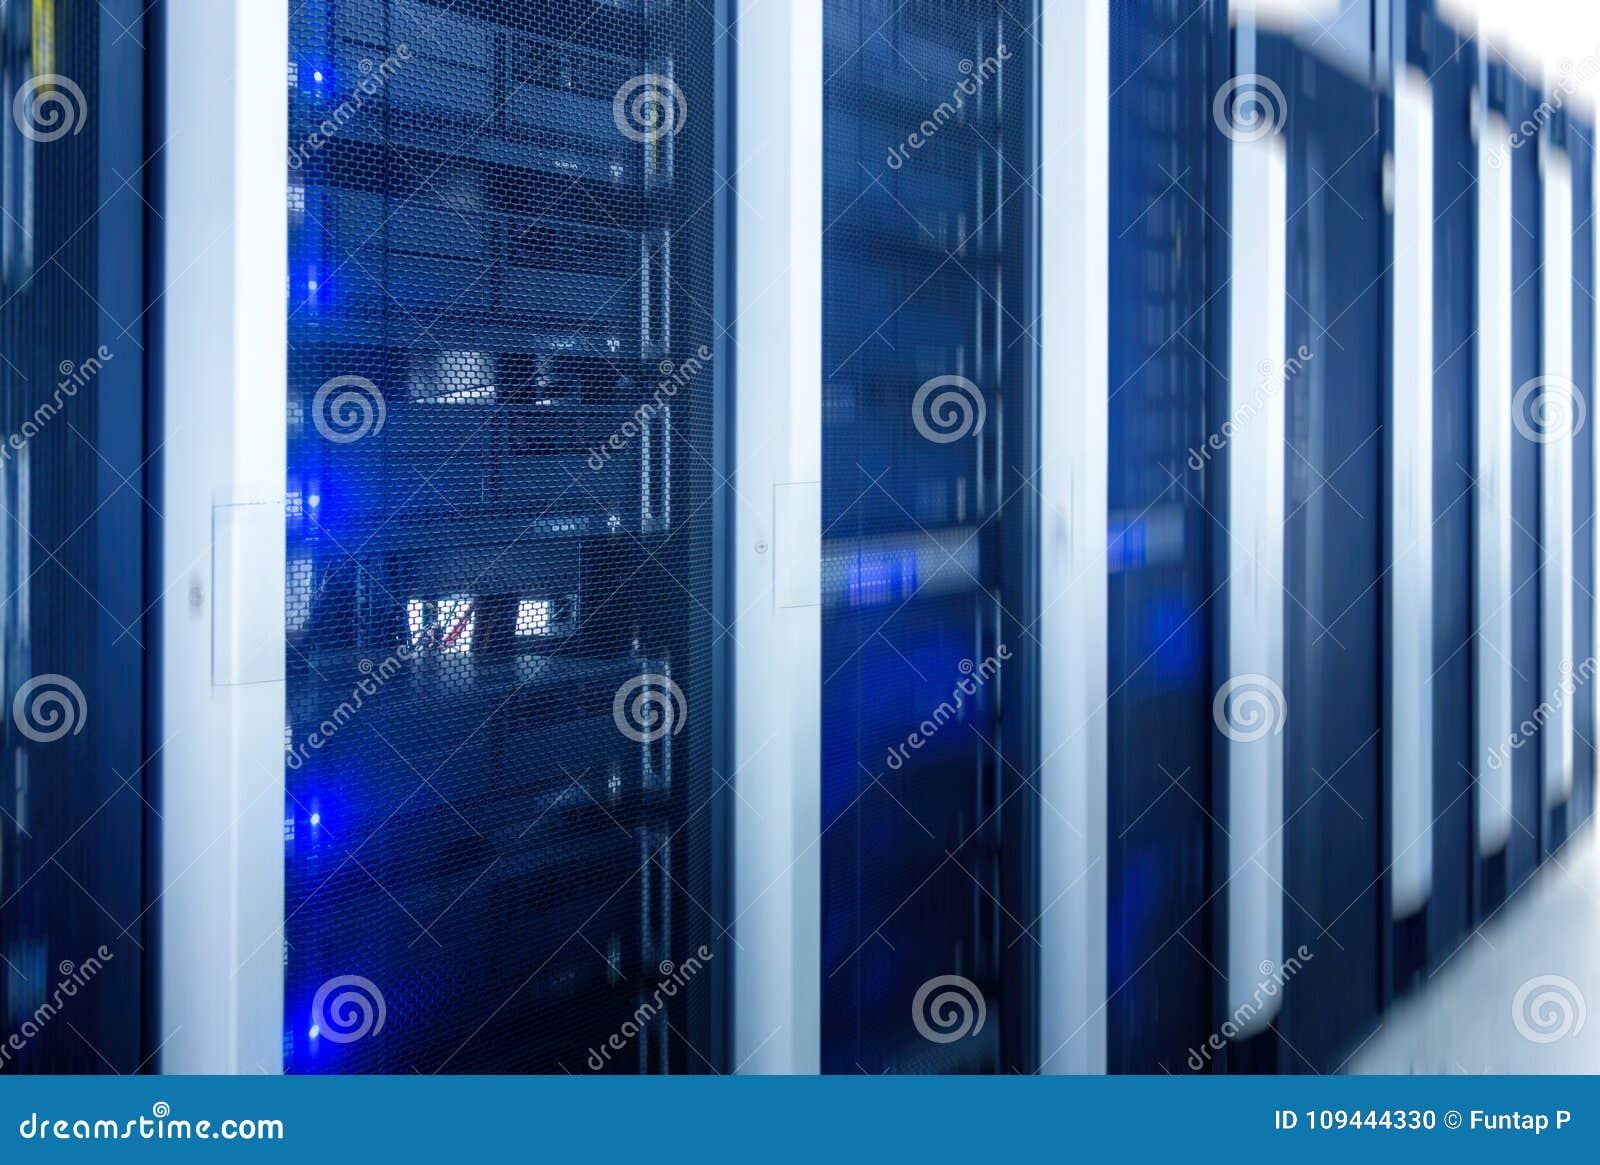 Serverrum Rengöringsdukinternet- och nätverkstelekommunikationteknologi, stor datalagring och beräknande datatjänstaffär för moln